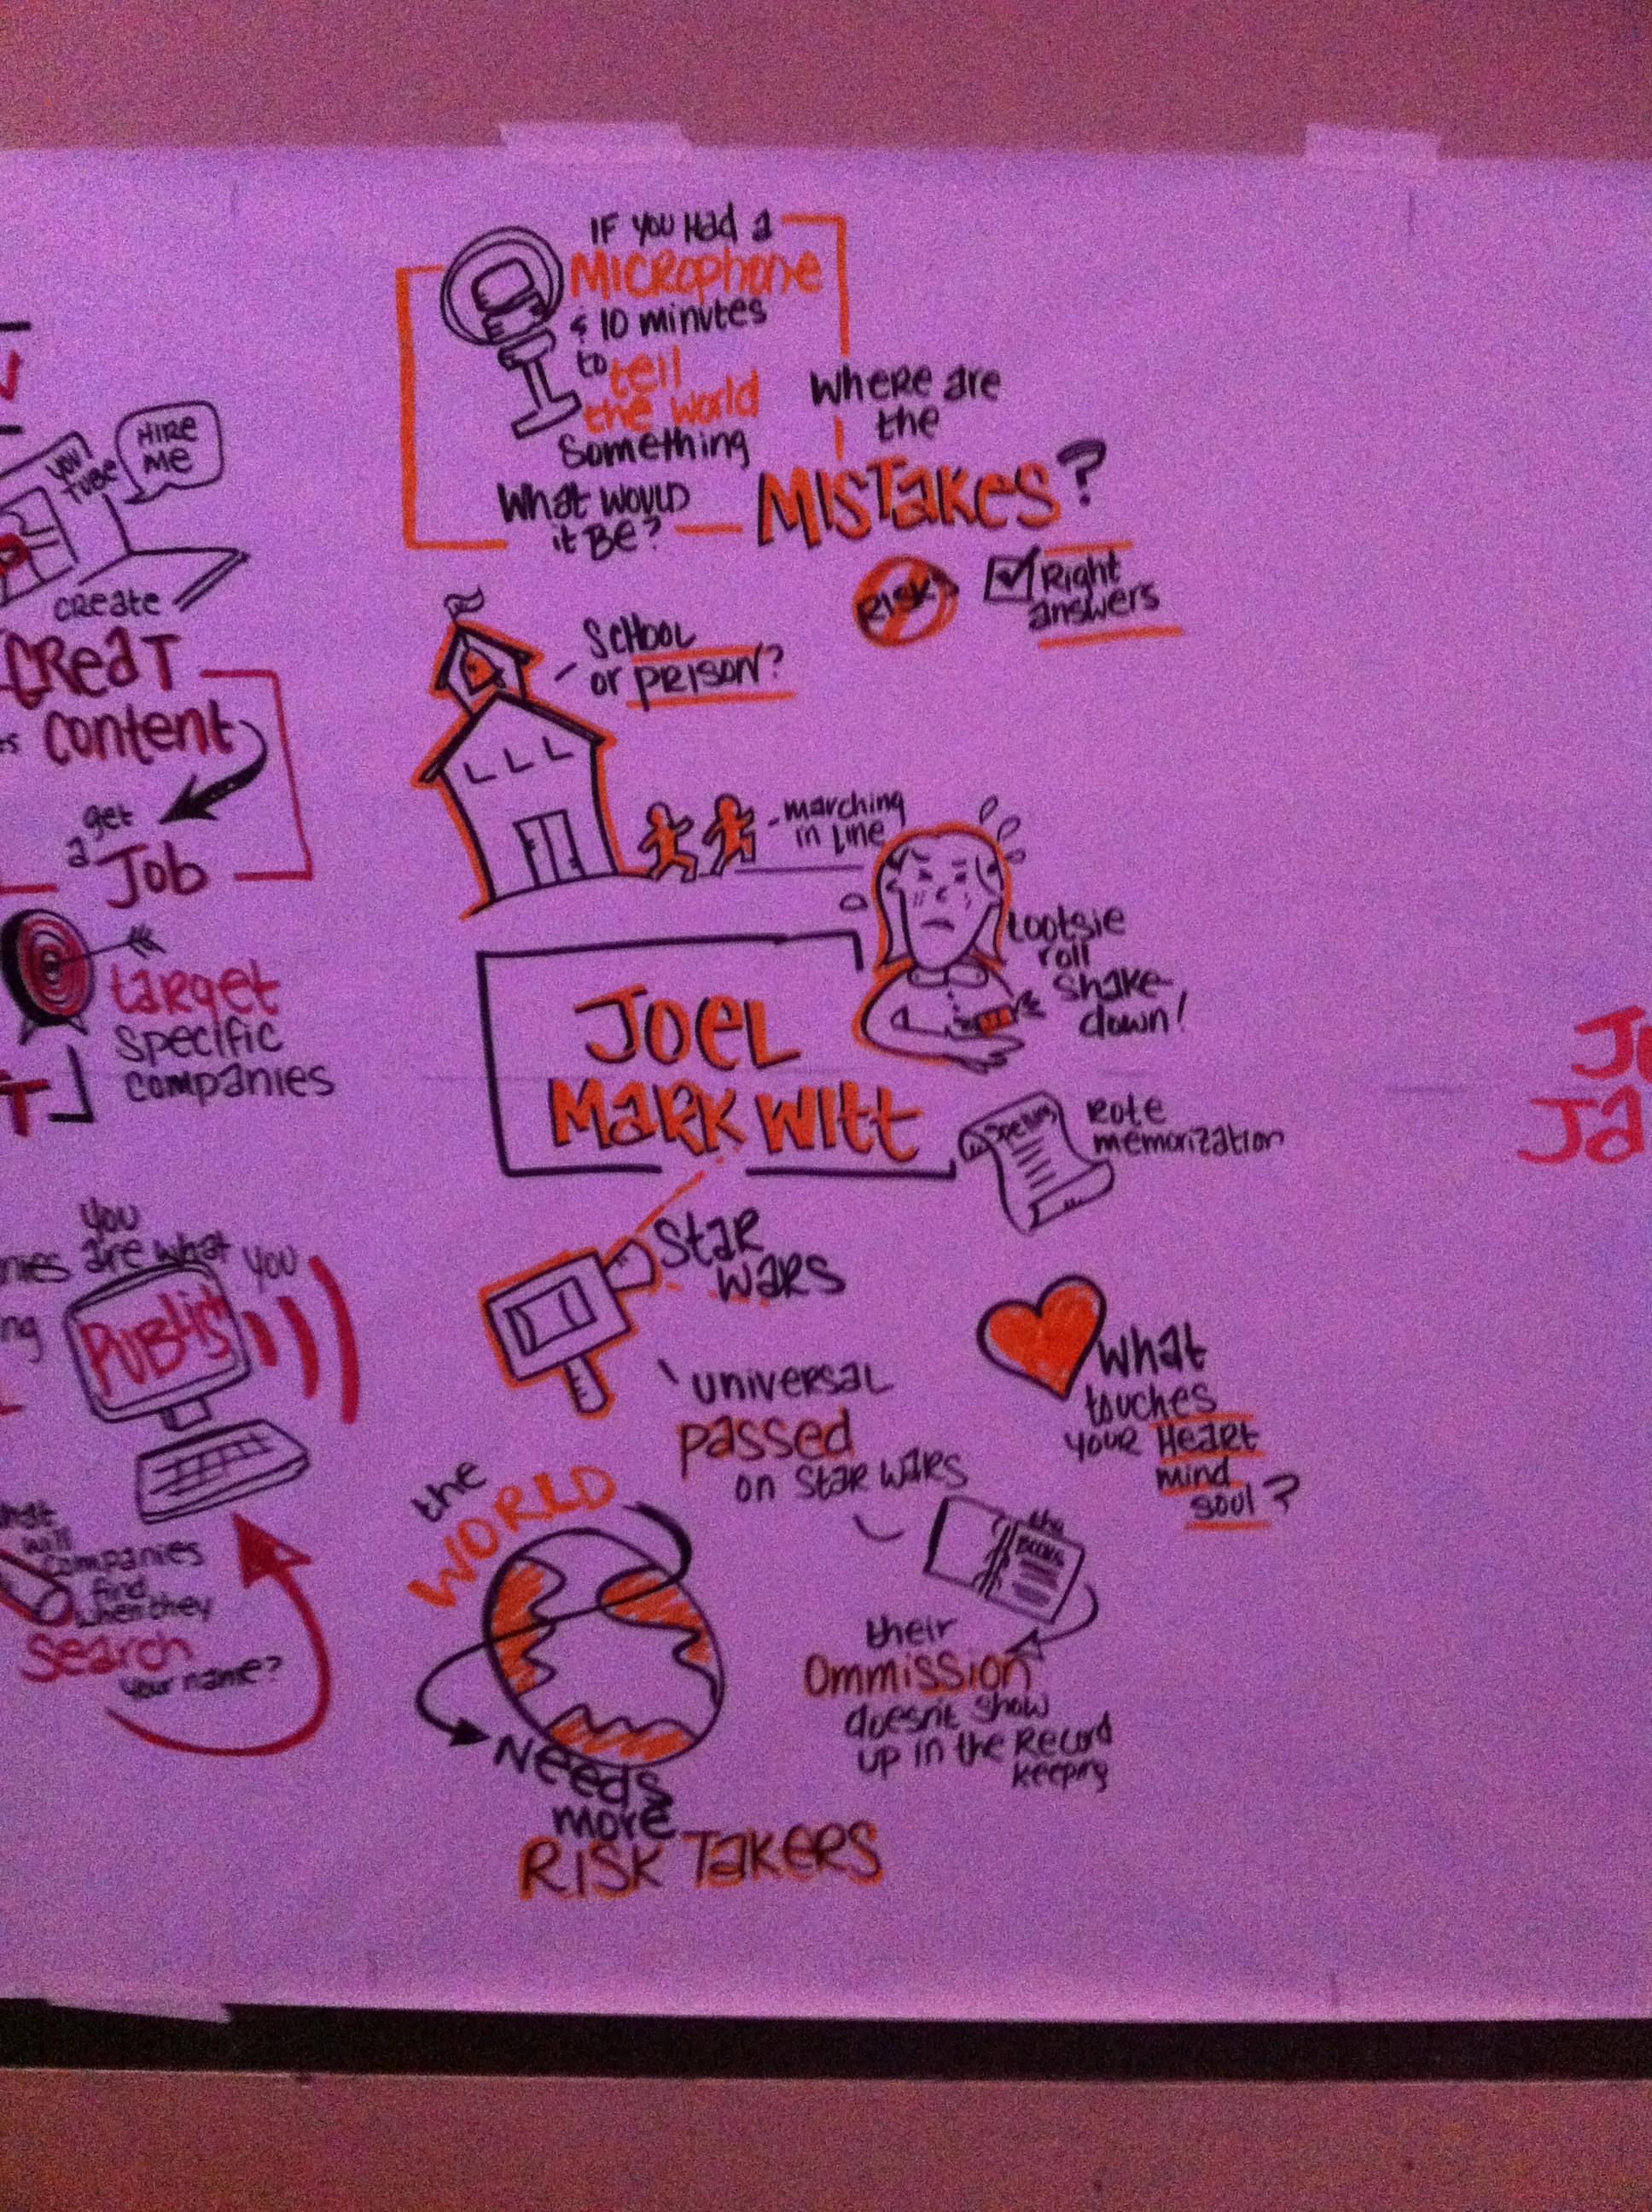 Joel-Mark-Witt-Inbound-2013-Graphic